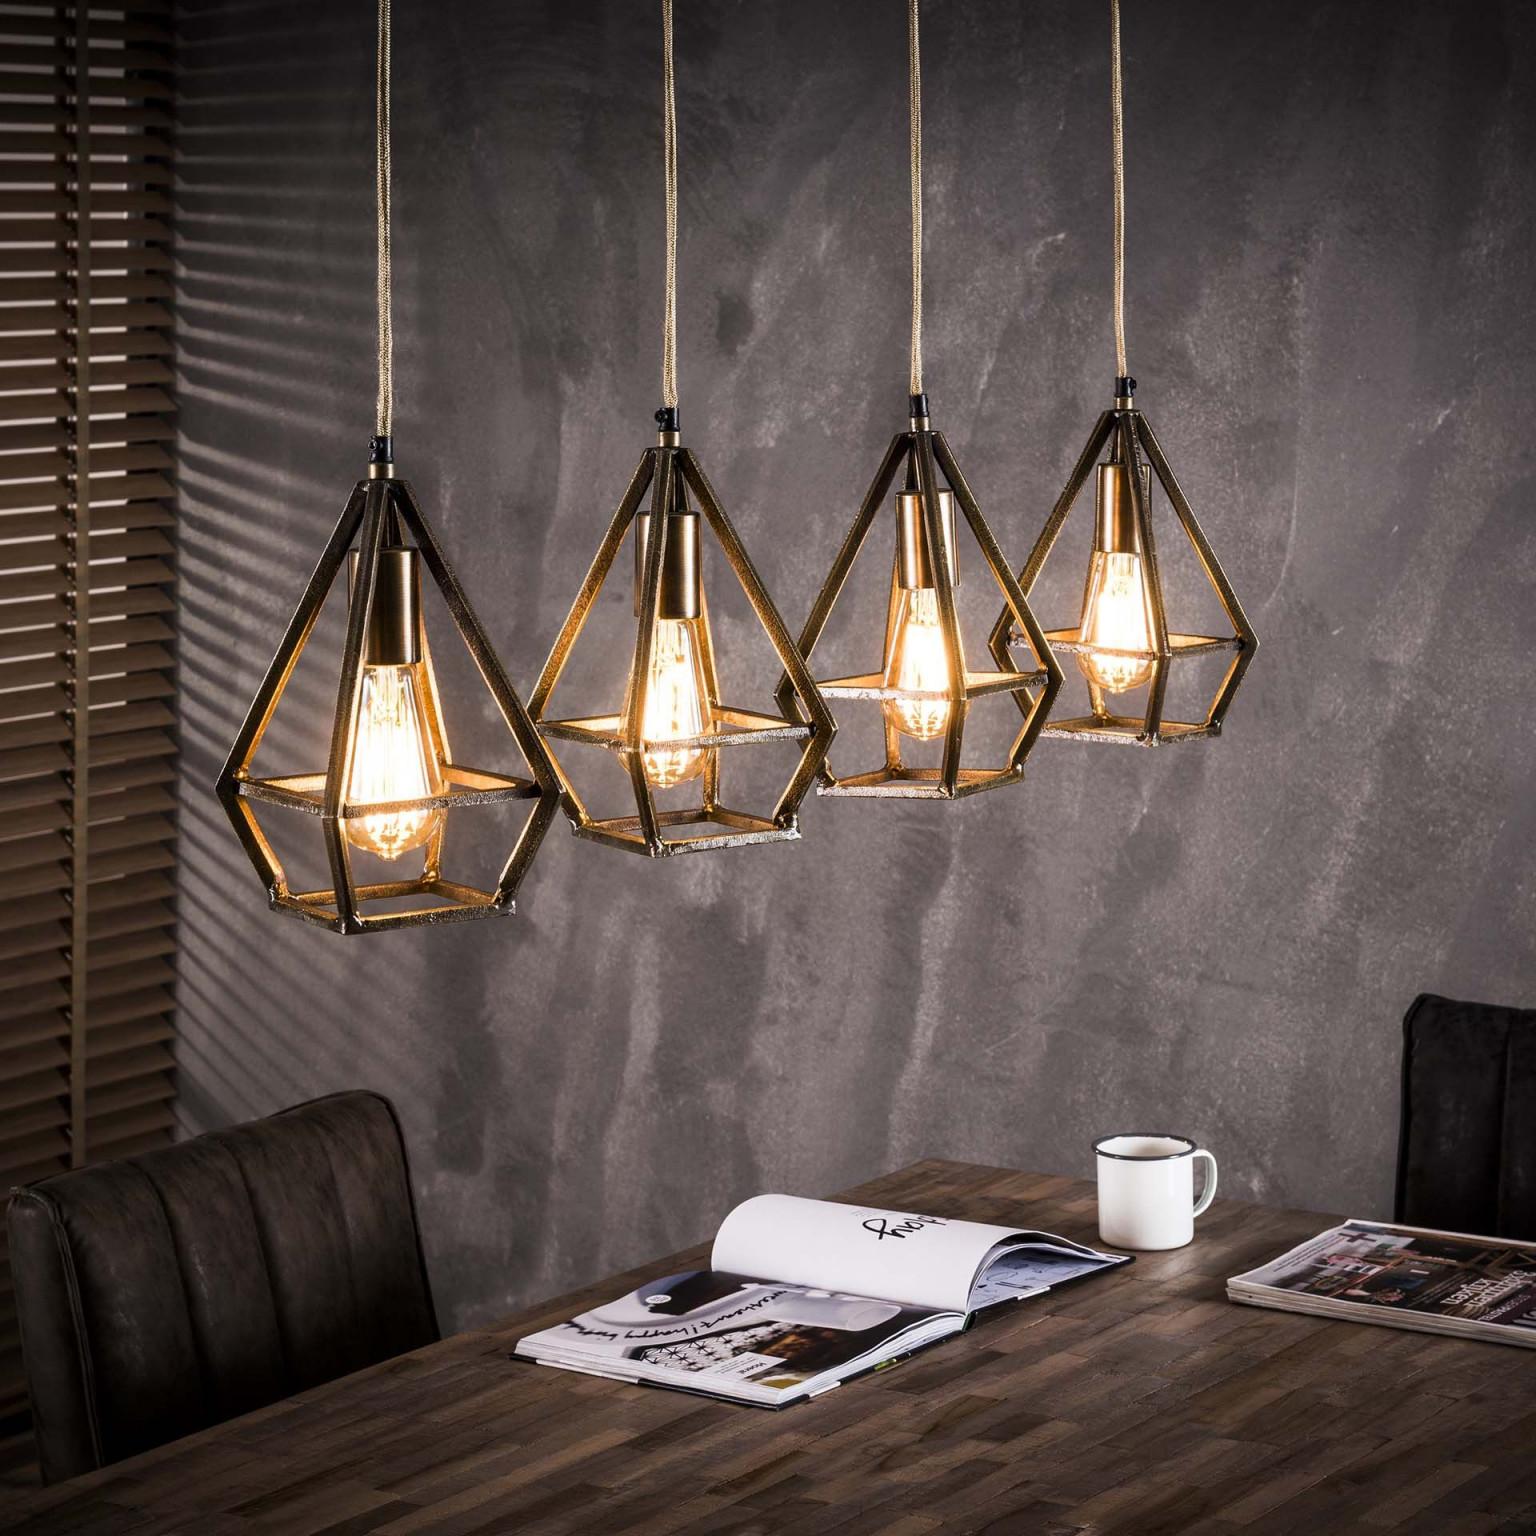 Hängelampe Drop  Beleuchtung Wohnzimmer Schlafzimmer Lampe von Lampe Wohnzimmer Industrial Photo